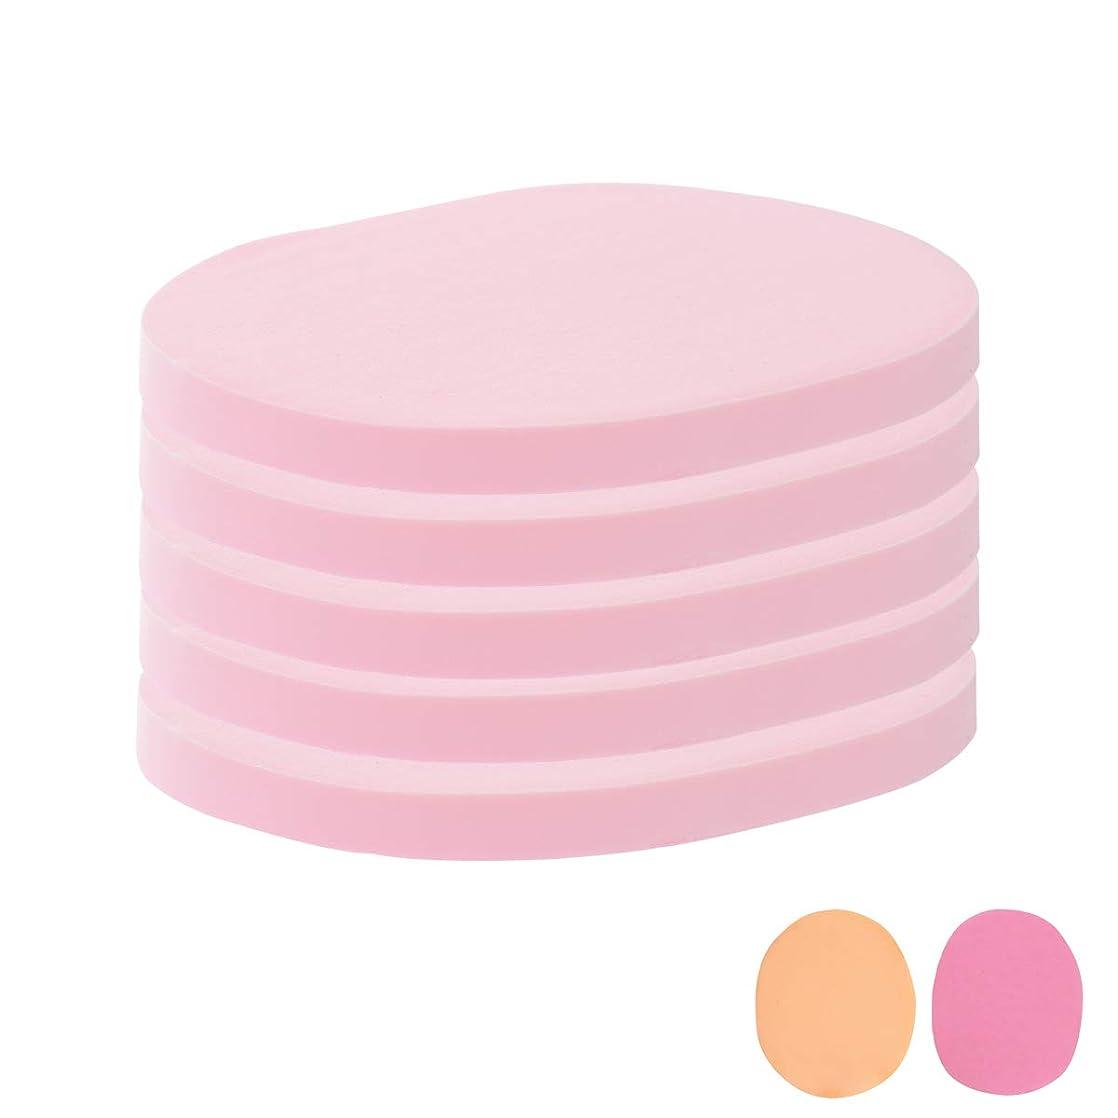 まばたき抑制ジュースフェイシャルスポンジ 全4種 10mm厚 (きめ細かい) 5枚入 ピンク [ フェイススポンジ マッサージスポンジ フェイシャル フェイス 顔用 洗顔 エステ スポンジ パフ クレンジング パック マスク 拭き取り ]